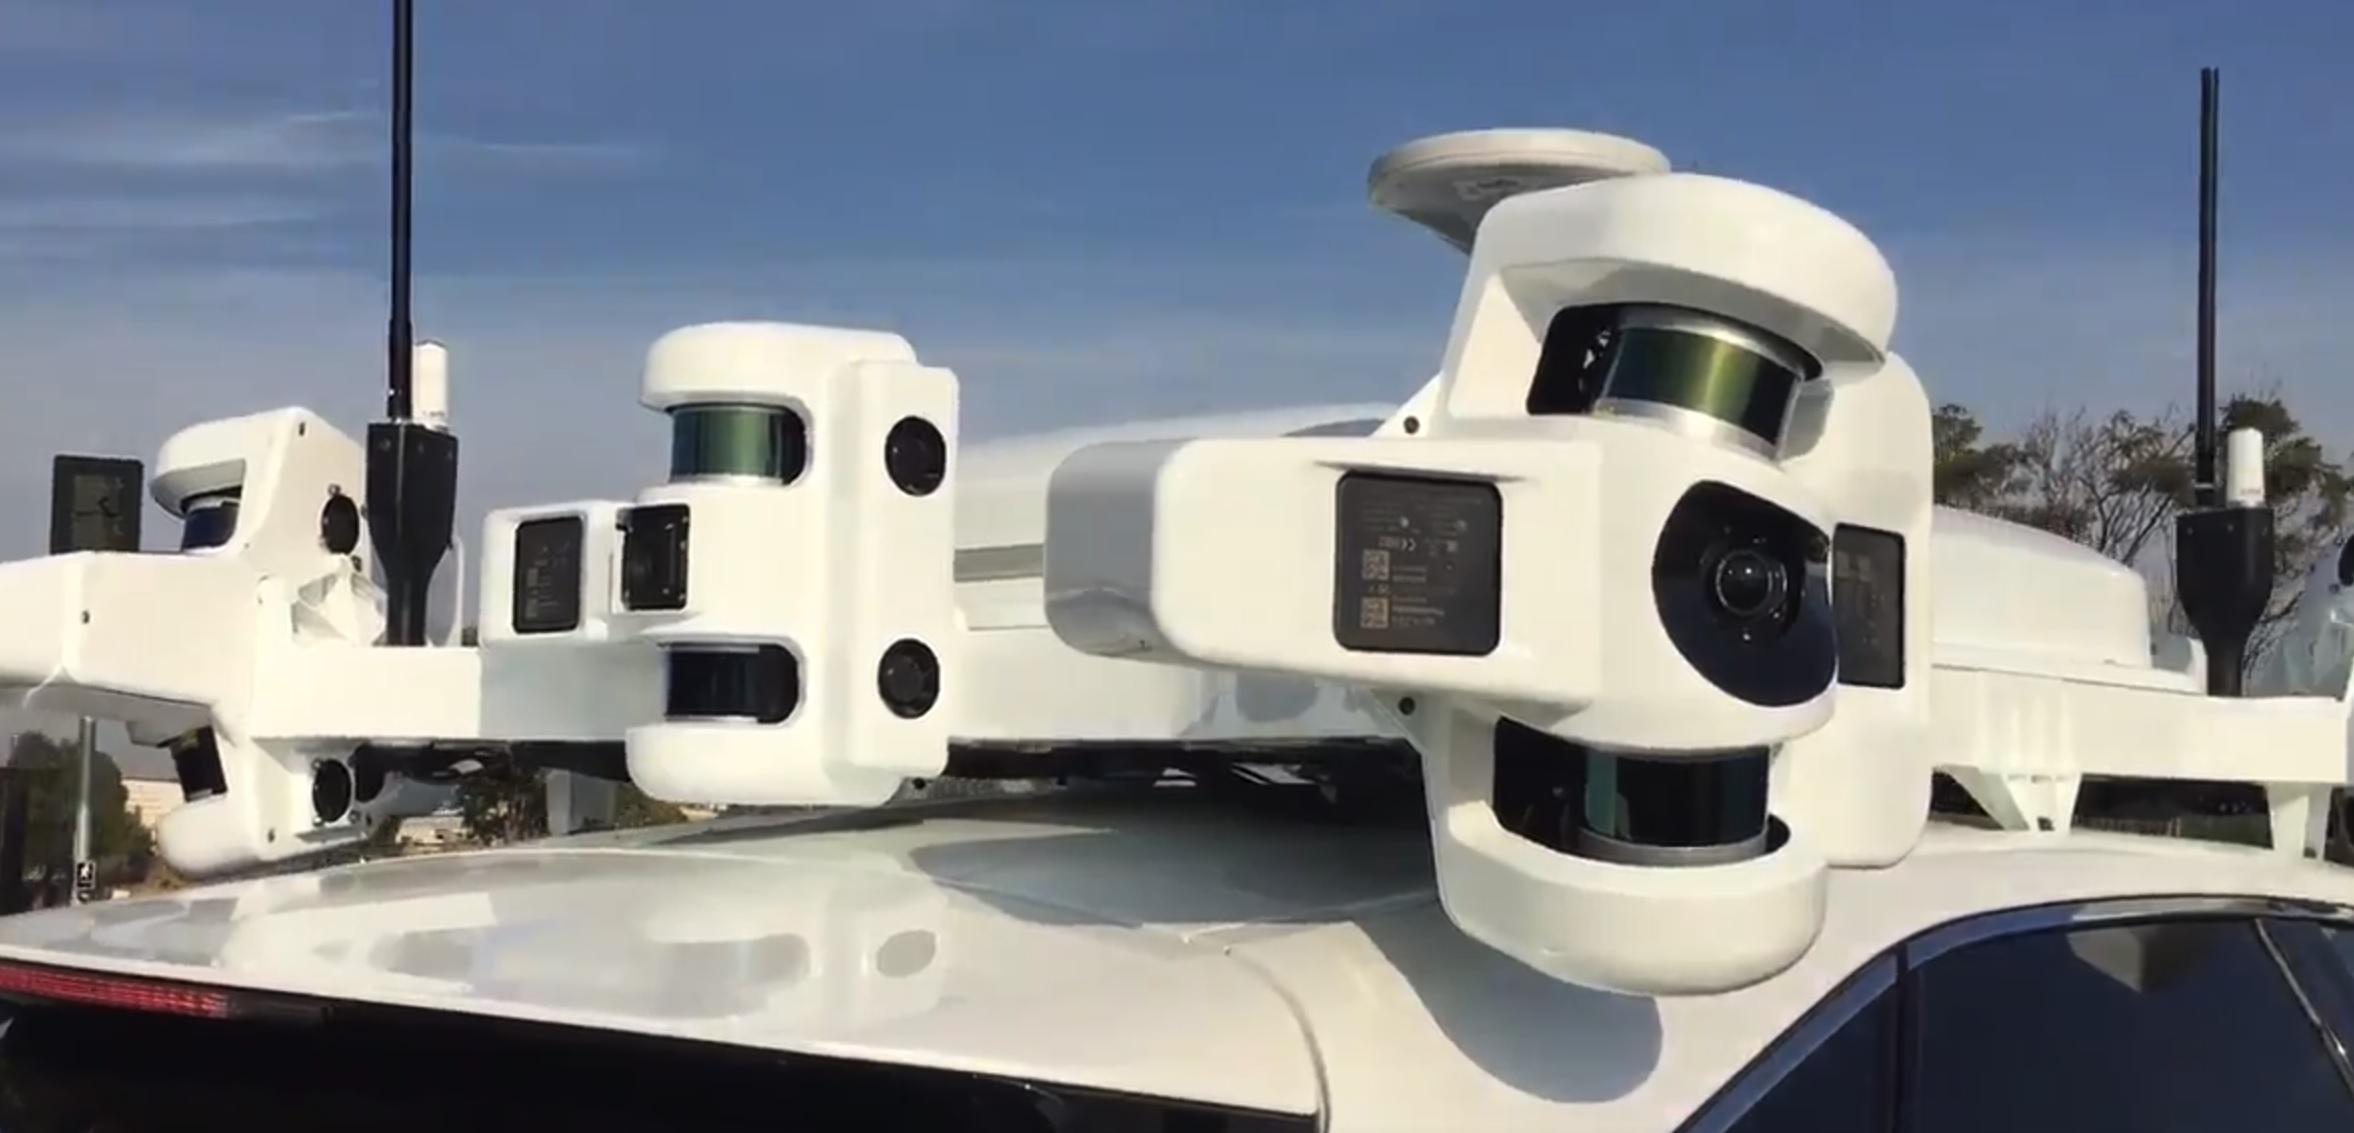 Til forskjell fra mange andre som tester selvkjørende biler, har Apple plassert all teknologien, inkludert GPU-ene som gjør AI-jobben, på taket. Derfor ser bilen ut som den gjør: Ikke strømlinjeformet som Apples ferdige produkter er.